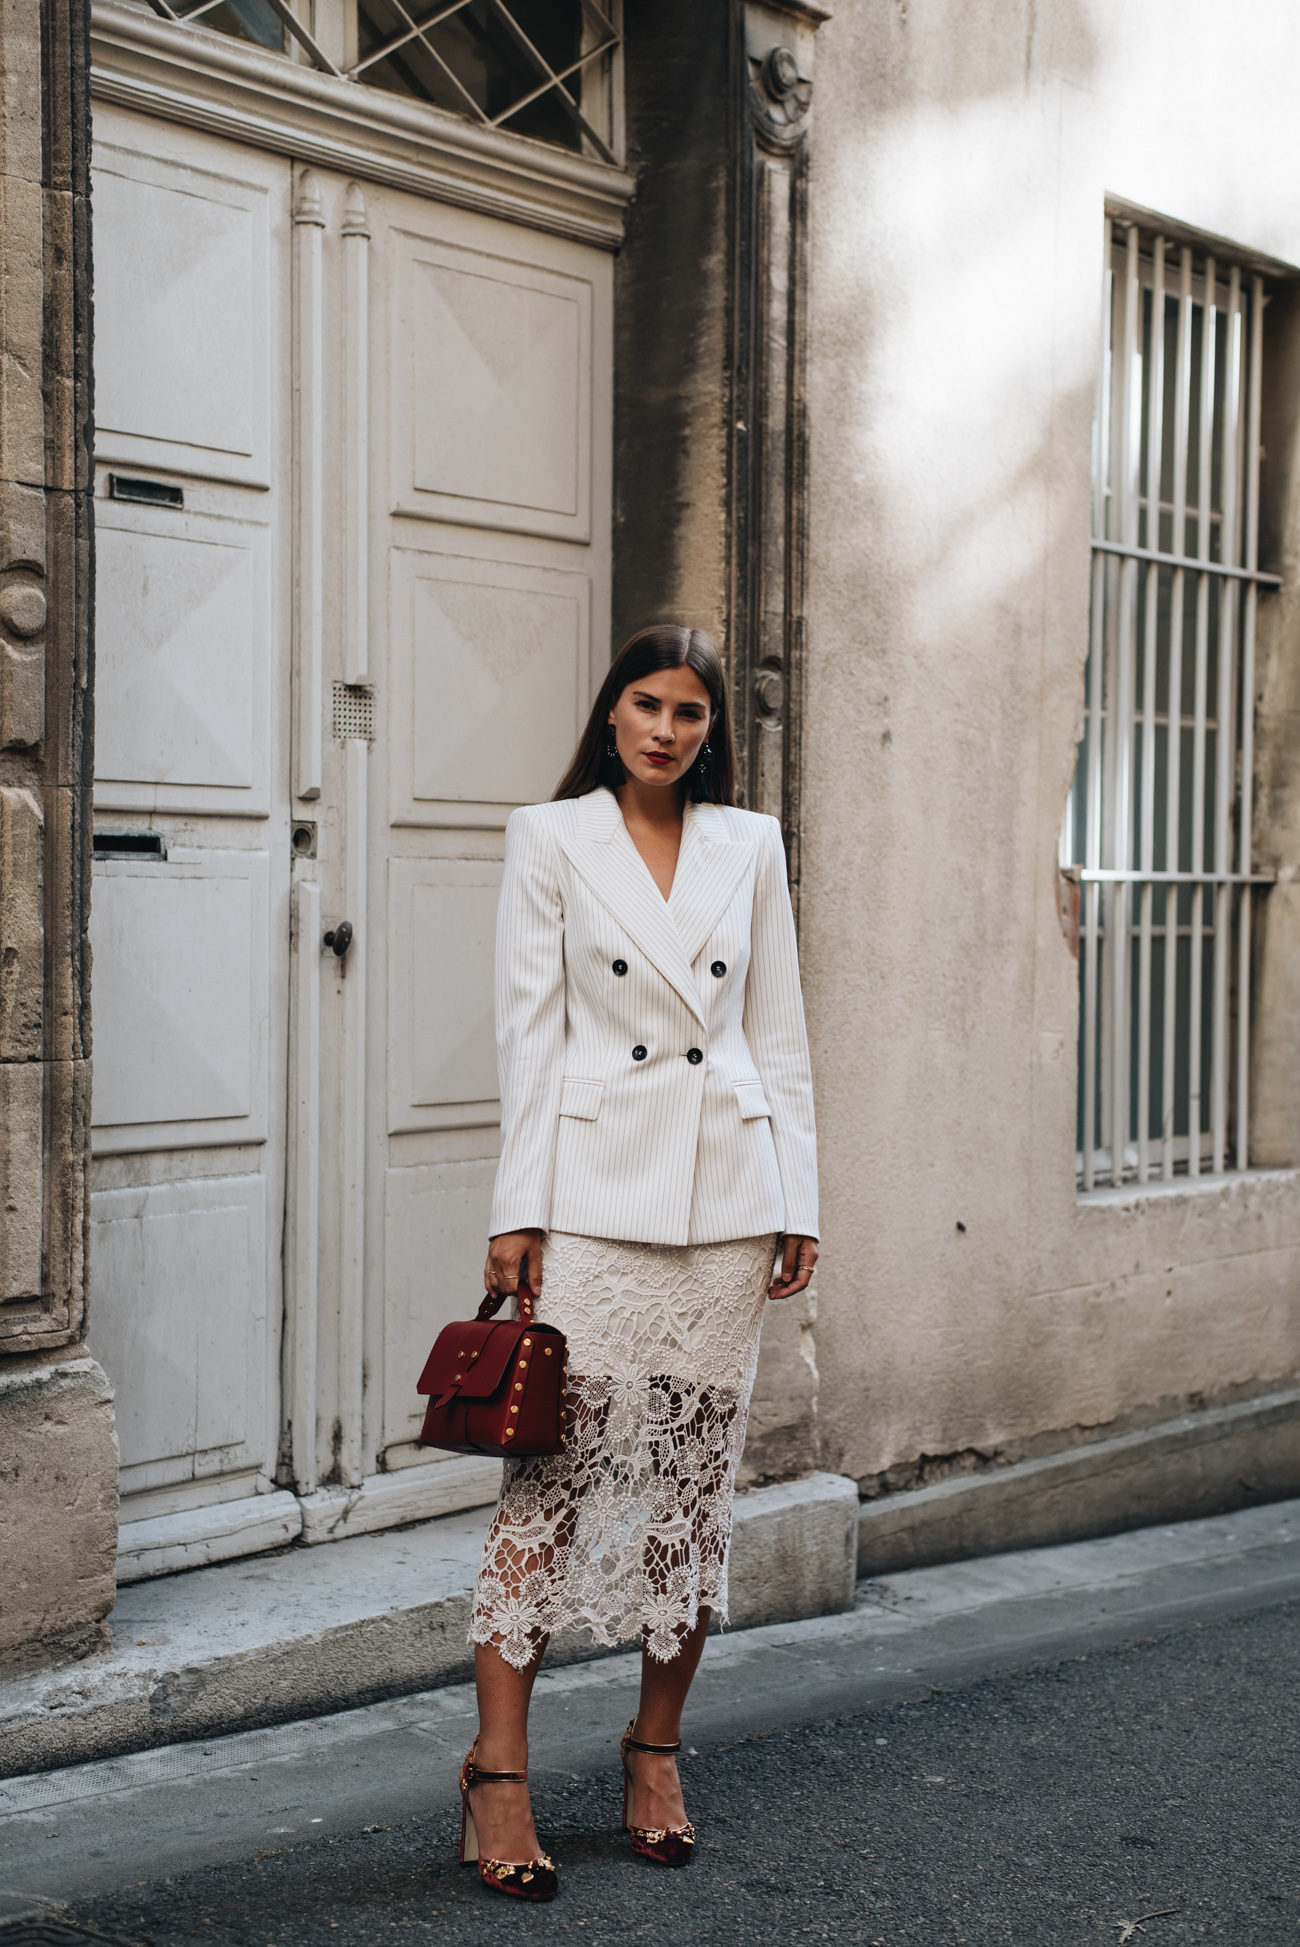 die-größten-und-wichtigsten-mode-und-lifestyle-blogs-deutschlands-münchen-nina-schwichtenberg-fashiioncarpet